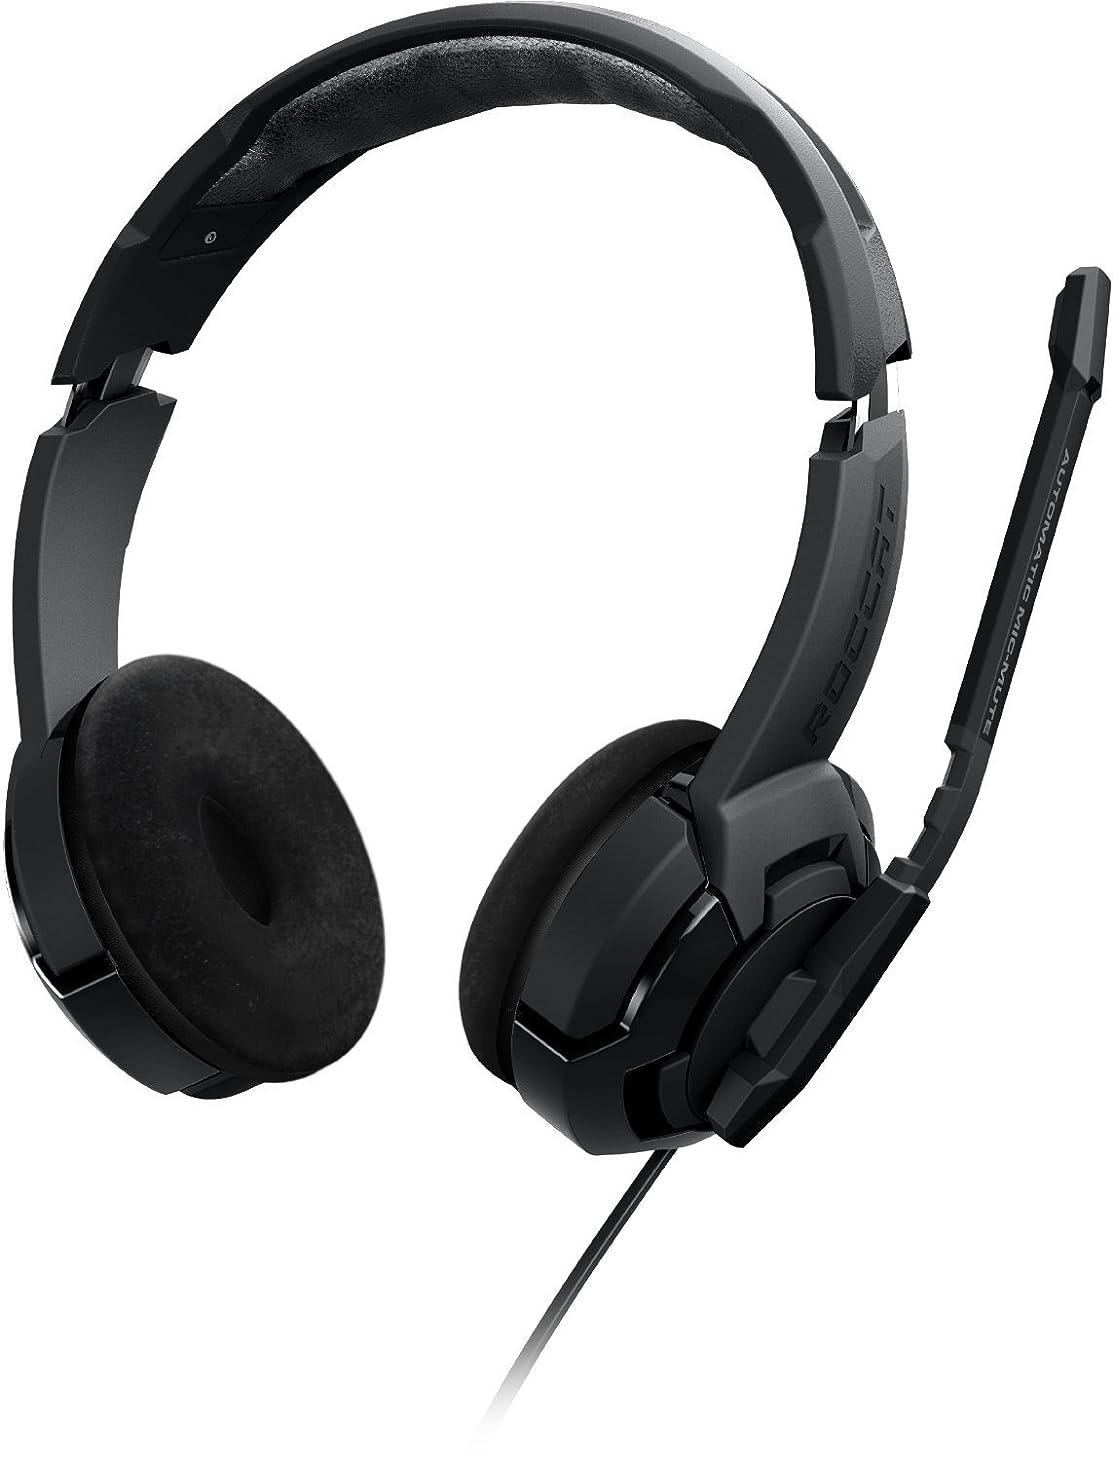 してはいけない活気づける早いROCCAT KULO Stereo Gaming Headset, Black [並行輸入品]